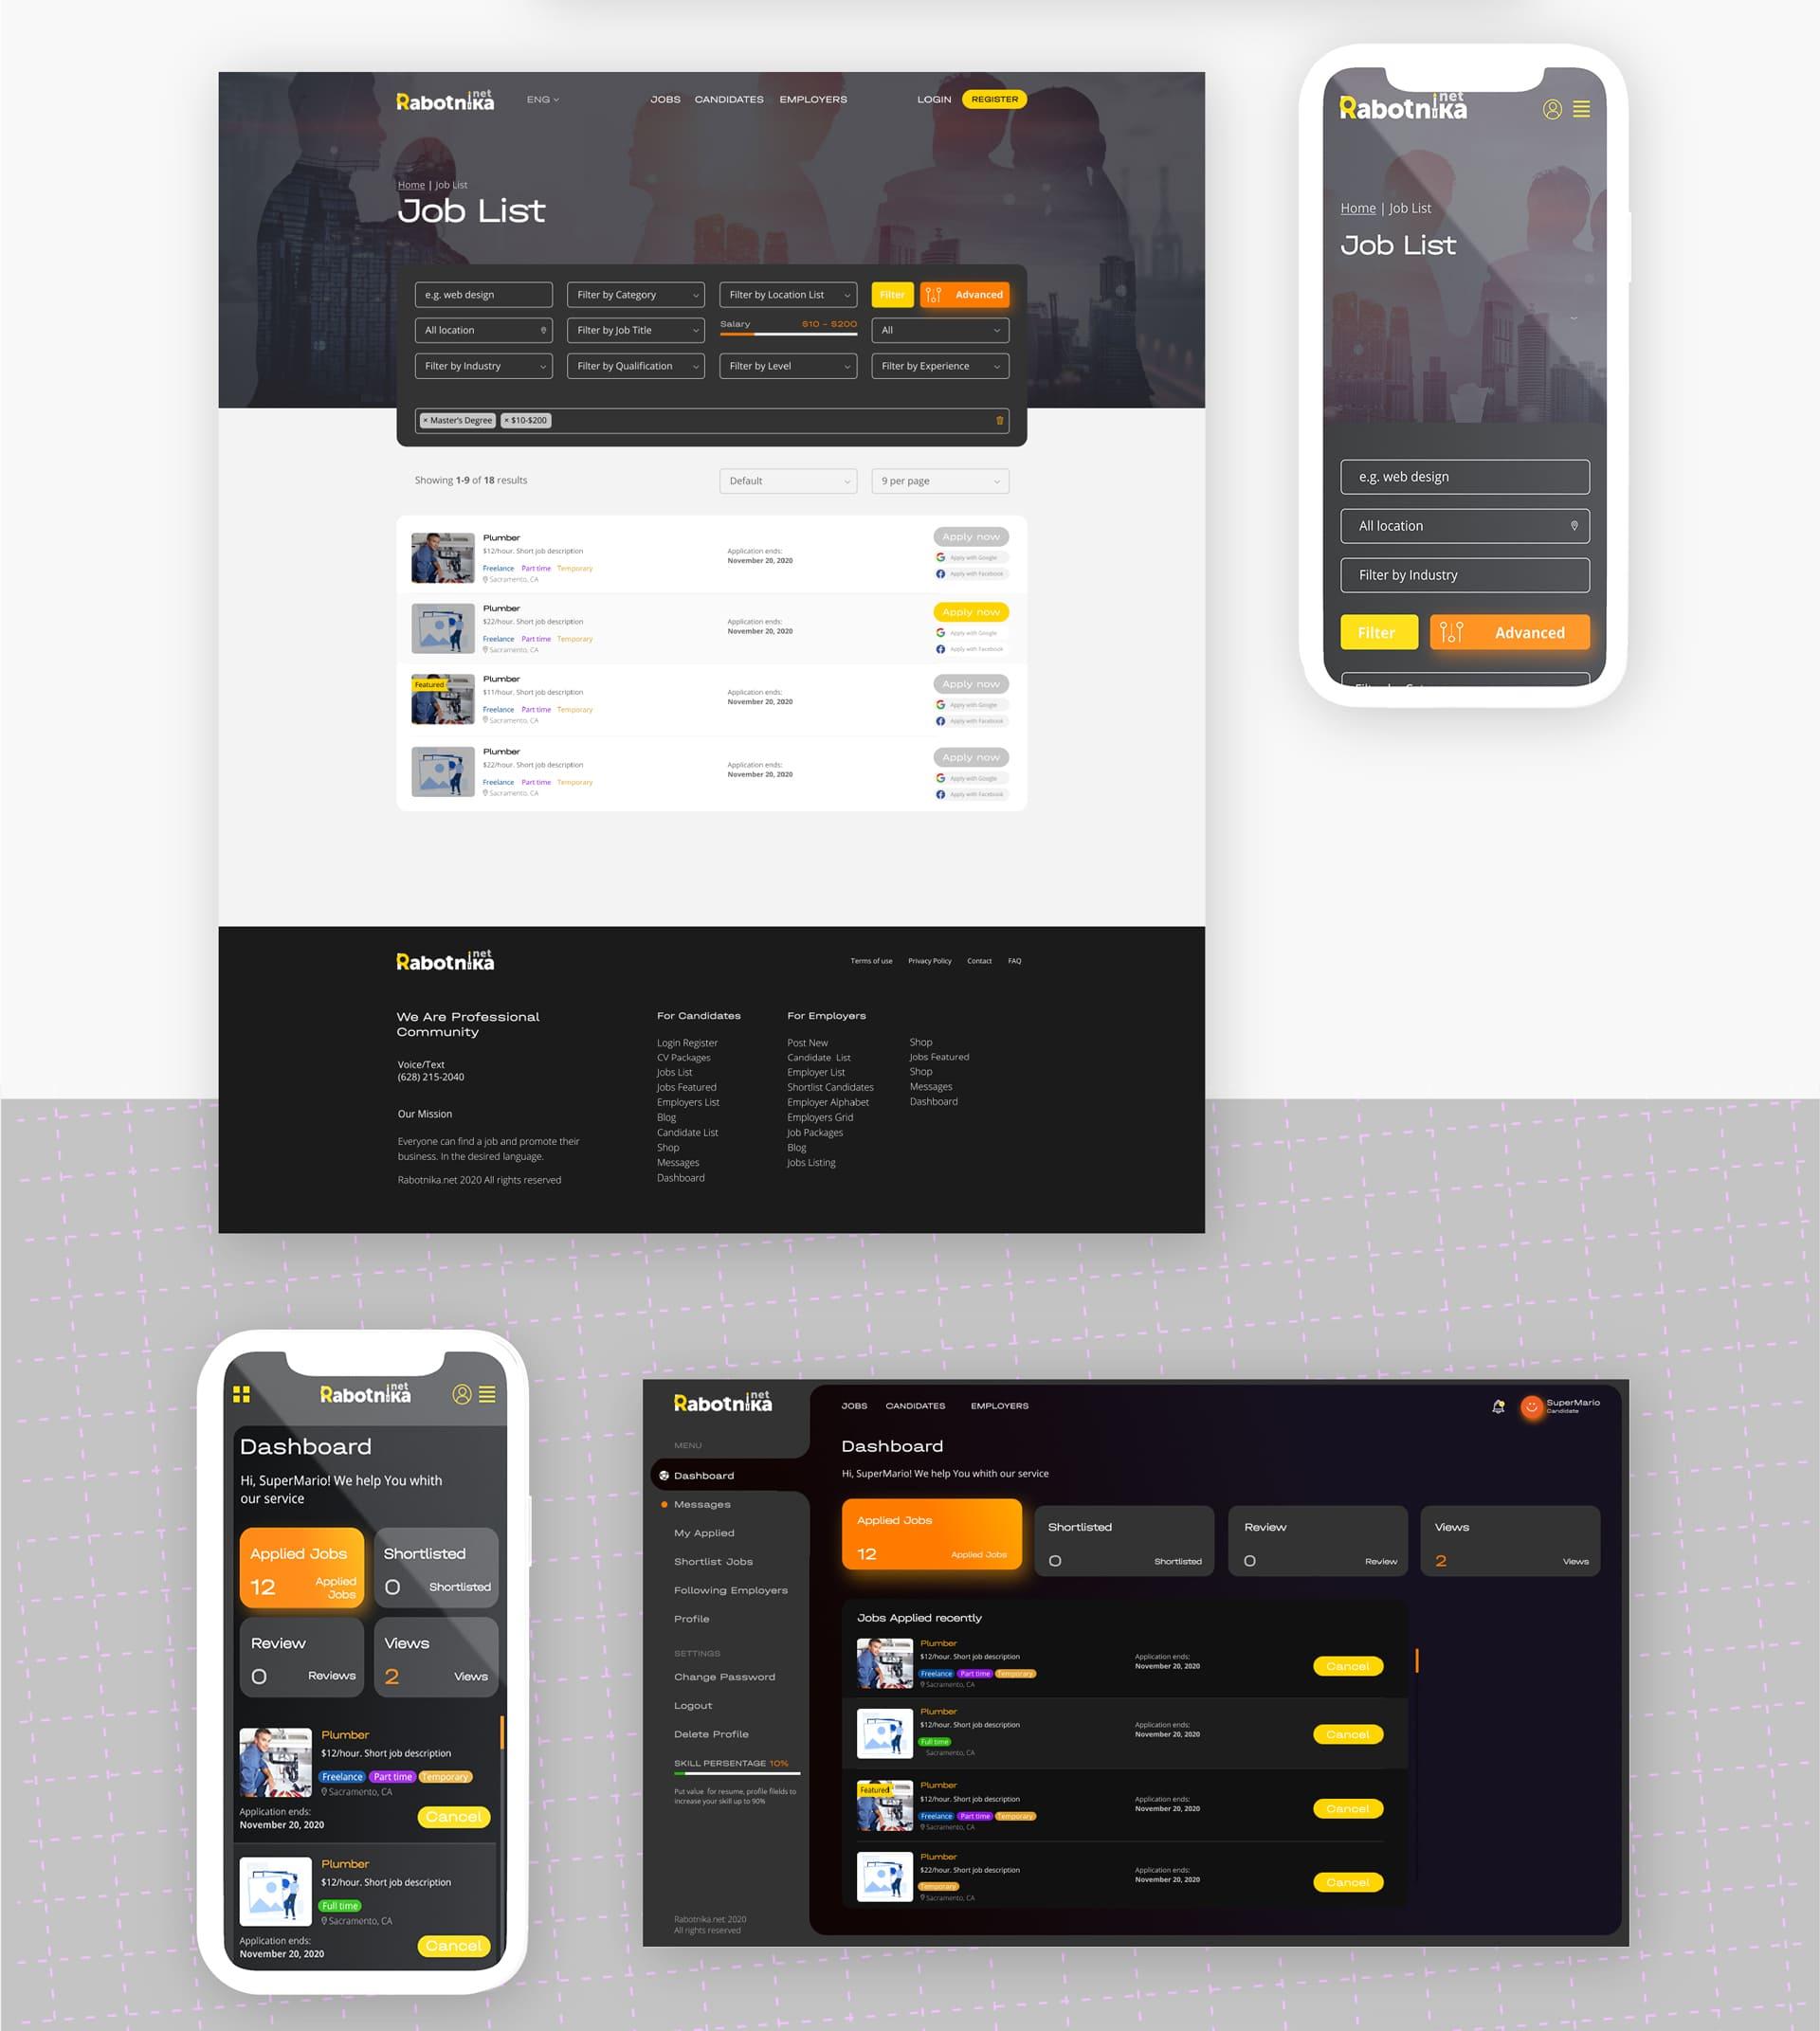 Бекенд сайта - дизайн интернет портала по поиску работы